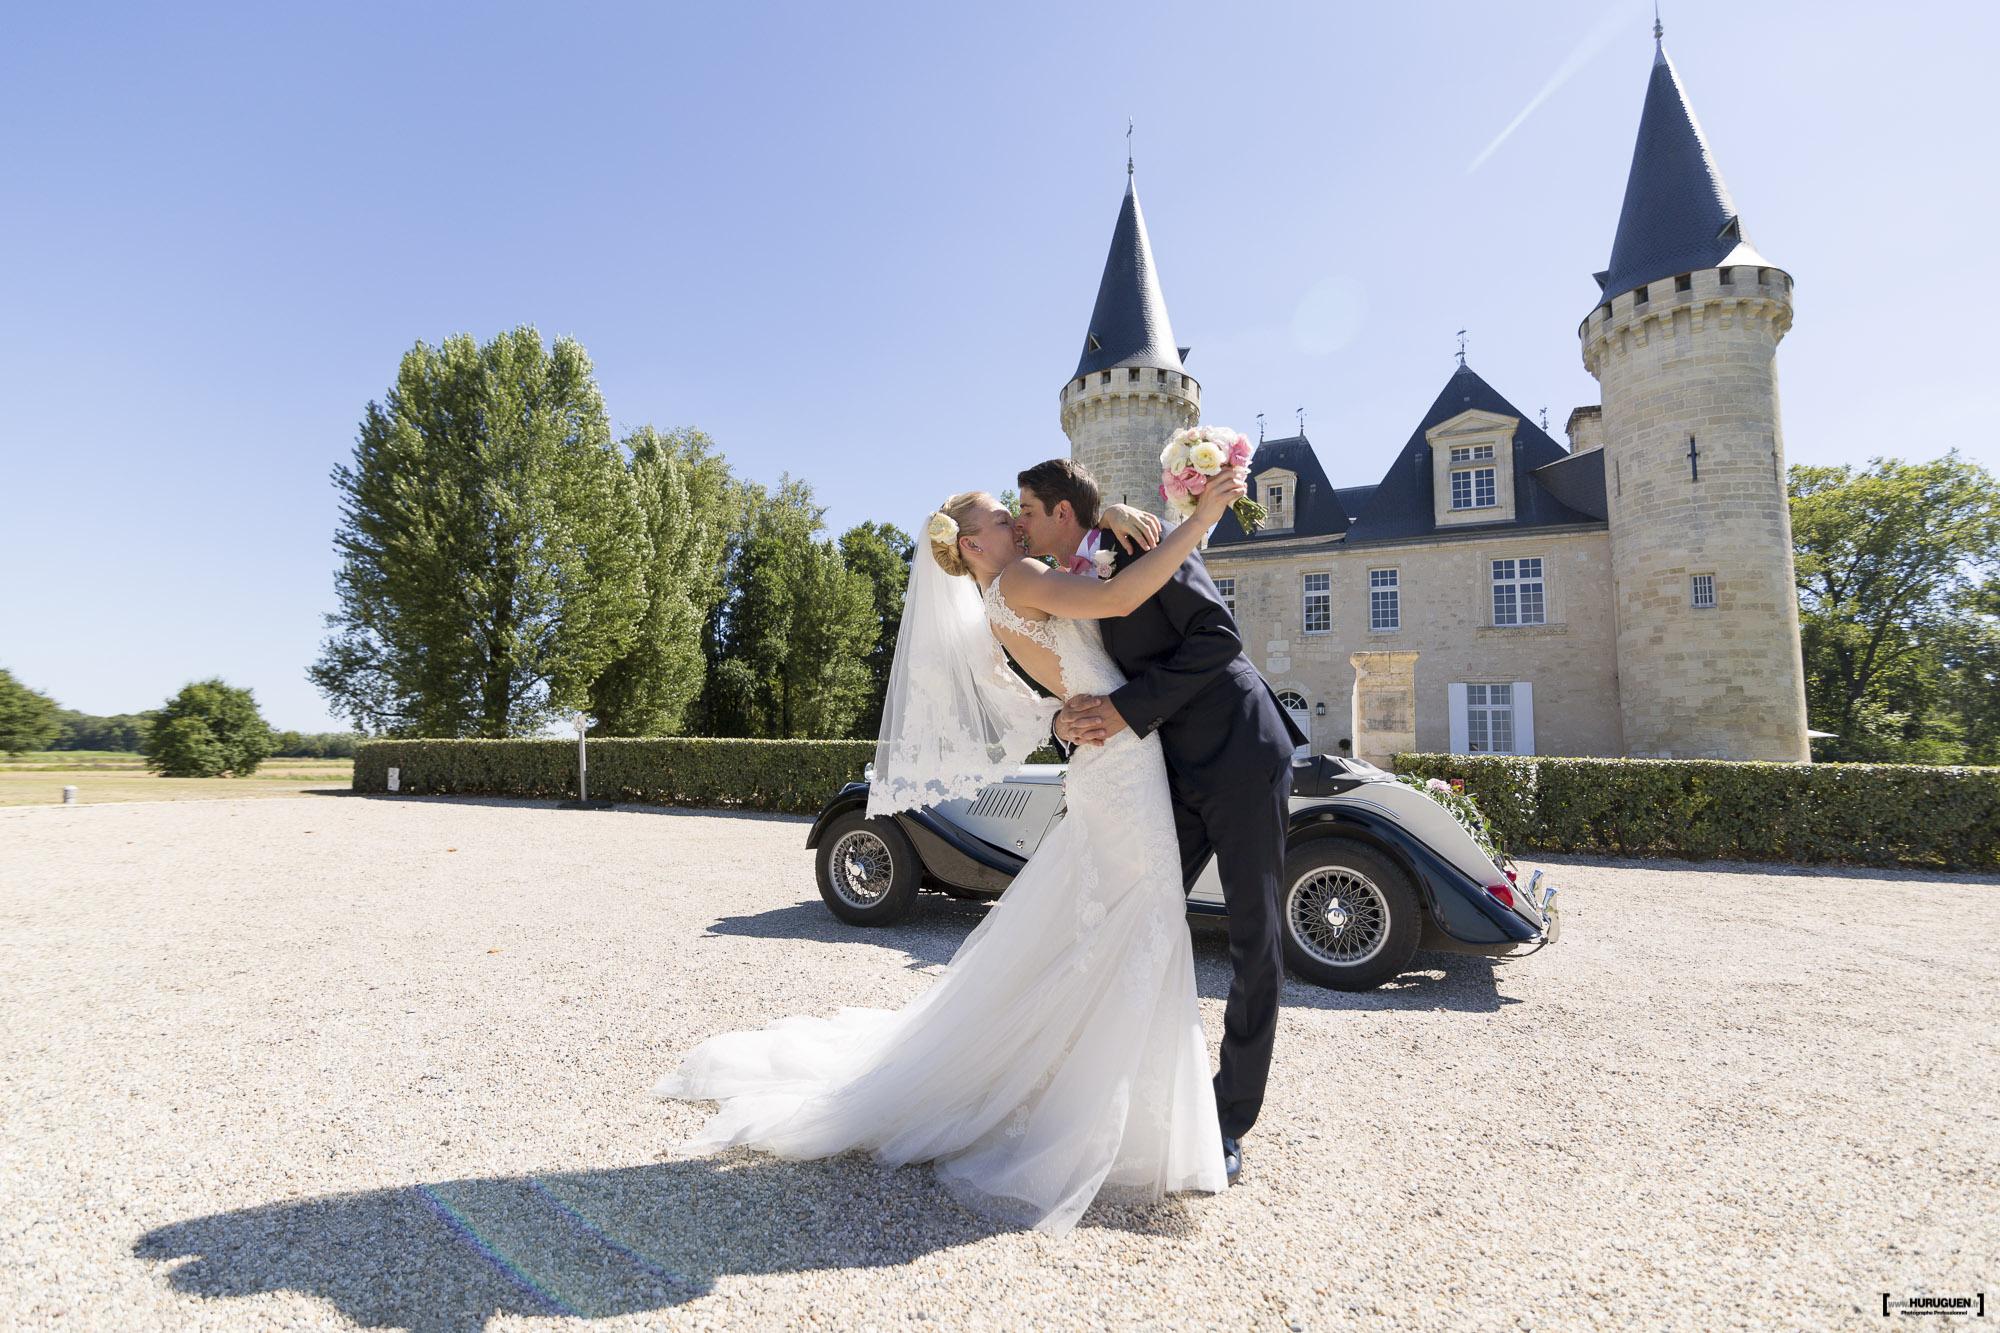 Sebastien et Maryia s'embrassent devant le chateau d'Agassac à Ludon Médoc près de Bordeaux, belle robe de mariée